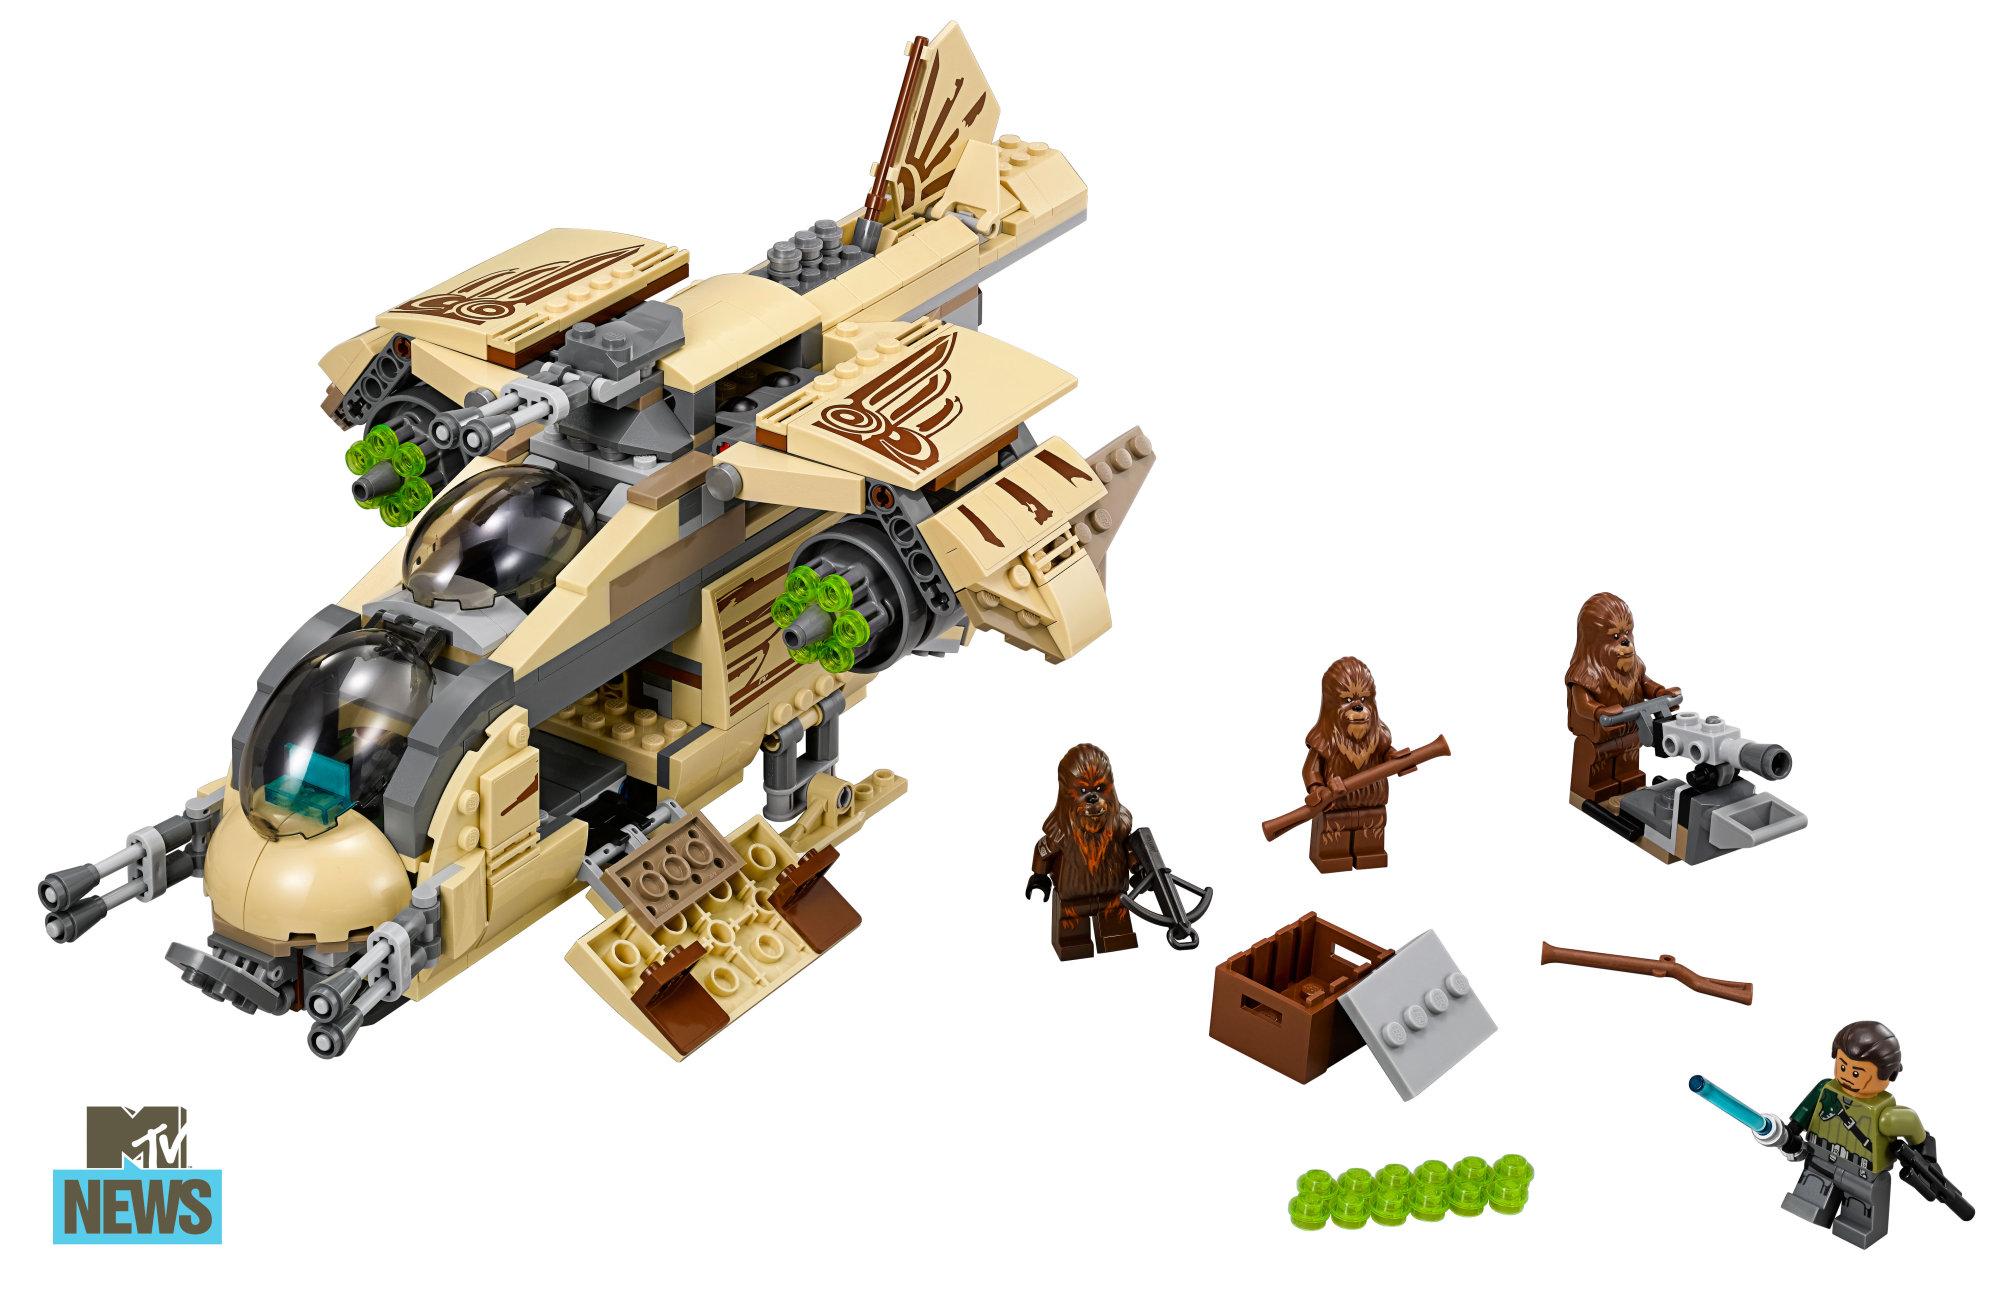 lego star wars wookie gunship 75084 revealed for sdcc. Black Bedroom Furniture Sets. Home Design Ideas